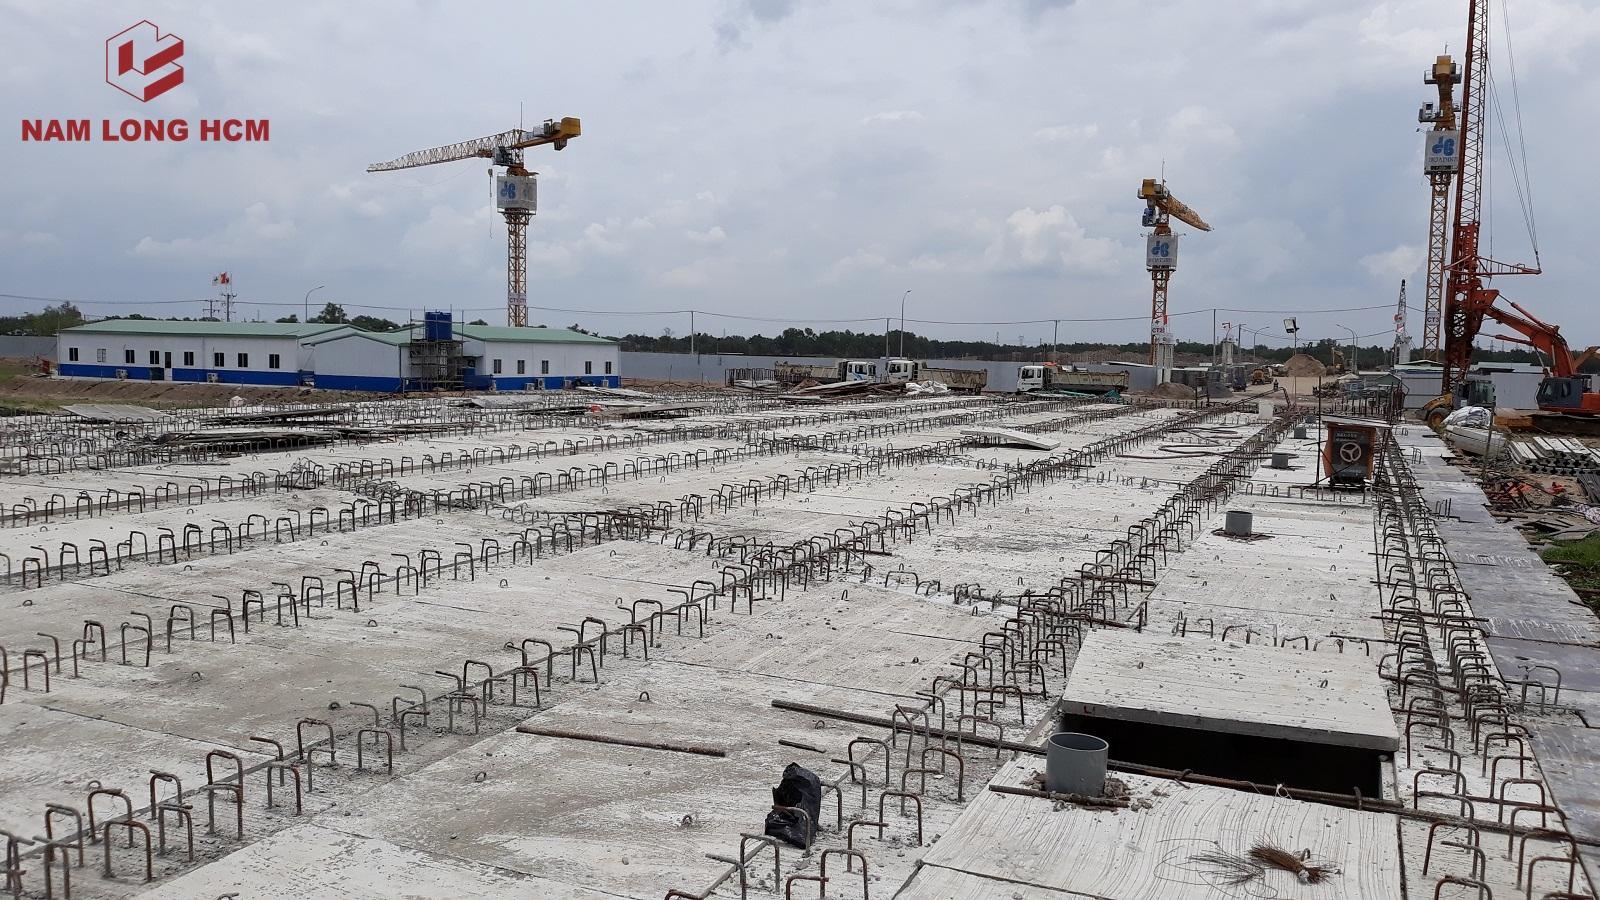 Nhà thầu chuẩn bị thi công mặt cây cầu số 1. Ảnh: Nam Long HCM